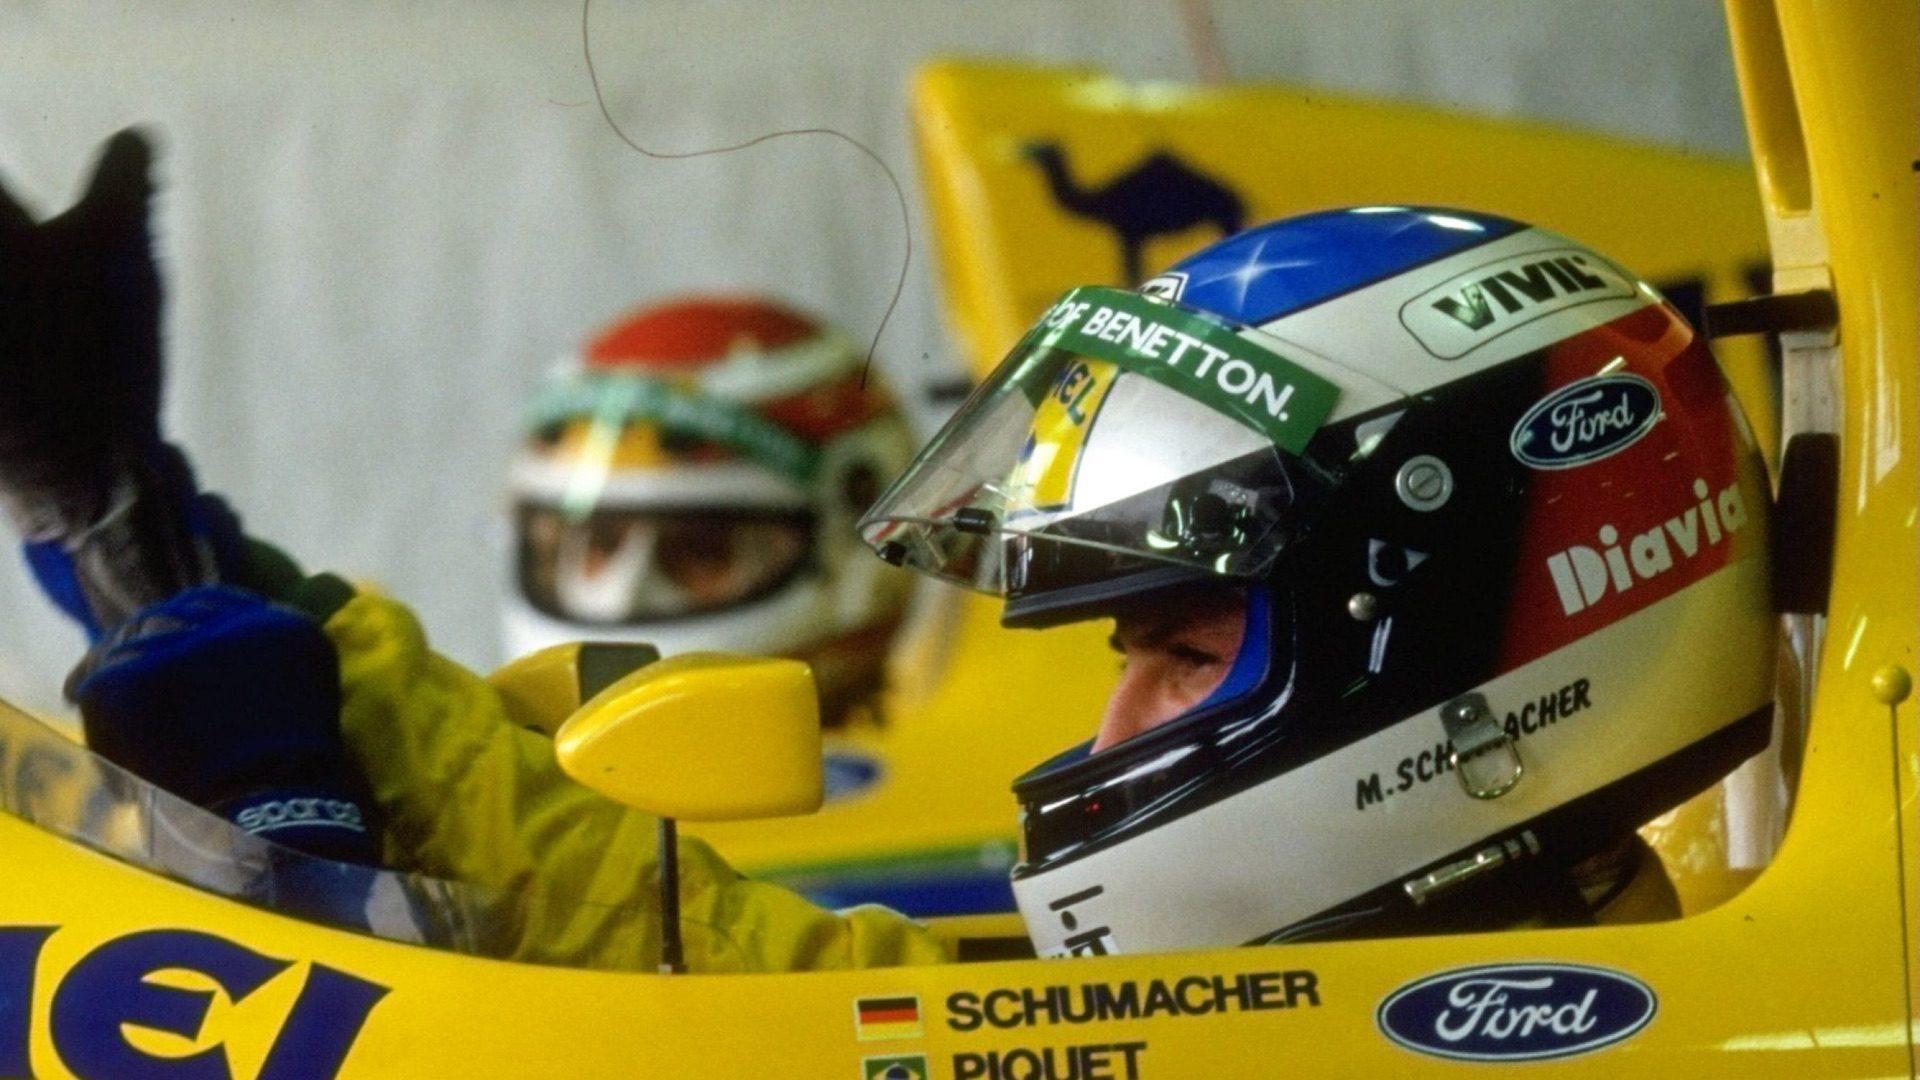 Mick_Schumacher_helmet-0009